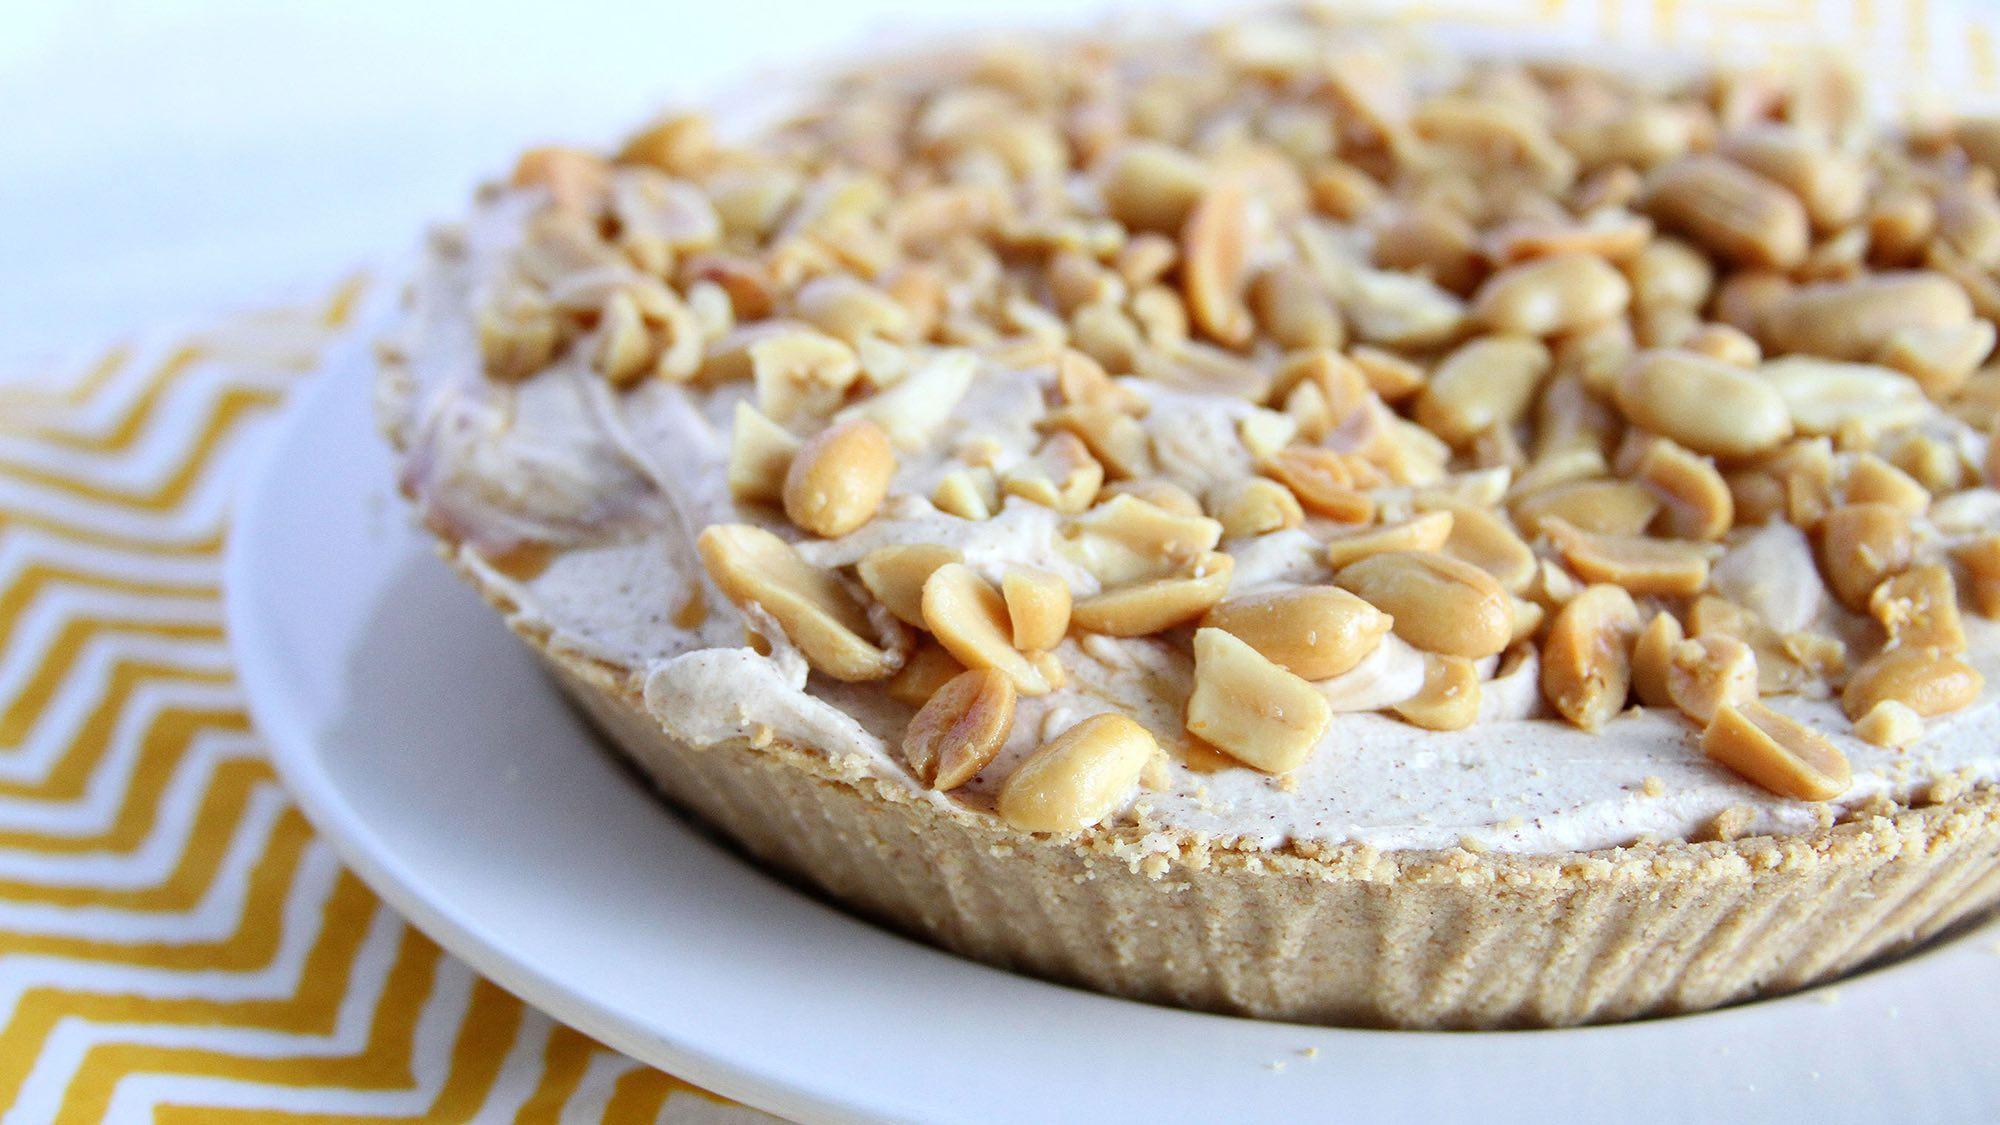 spiced-peanut-butter-caramel-pie-doughmesstic.jpg